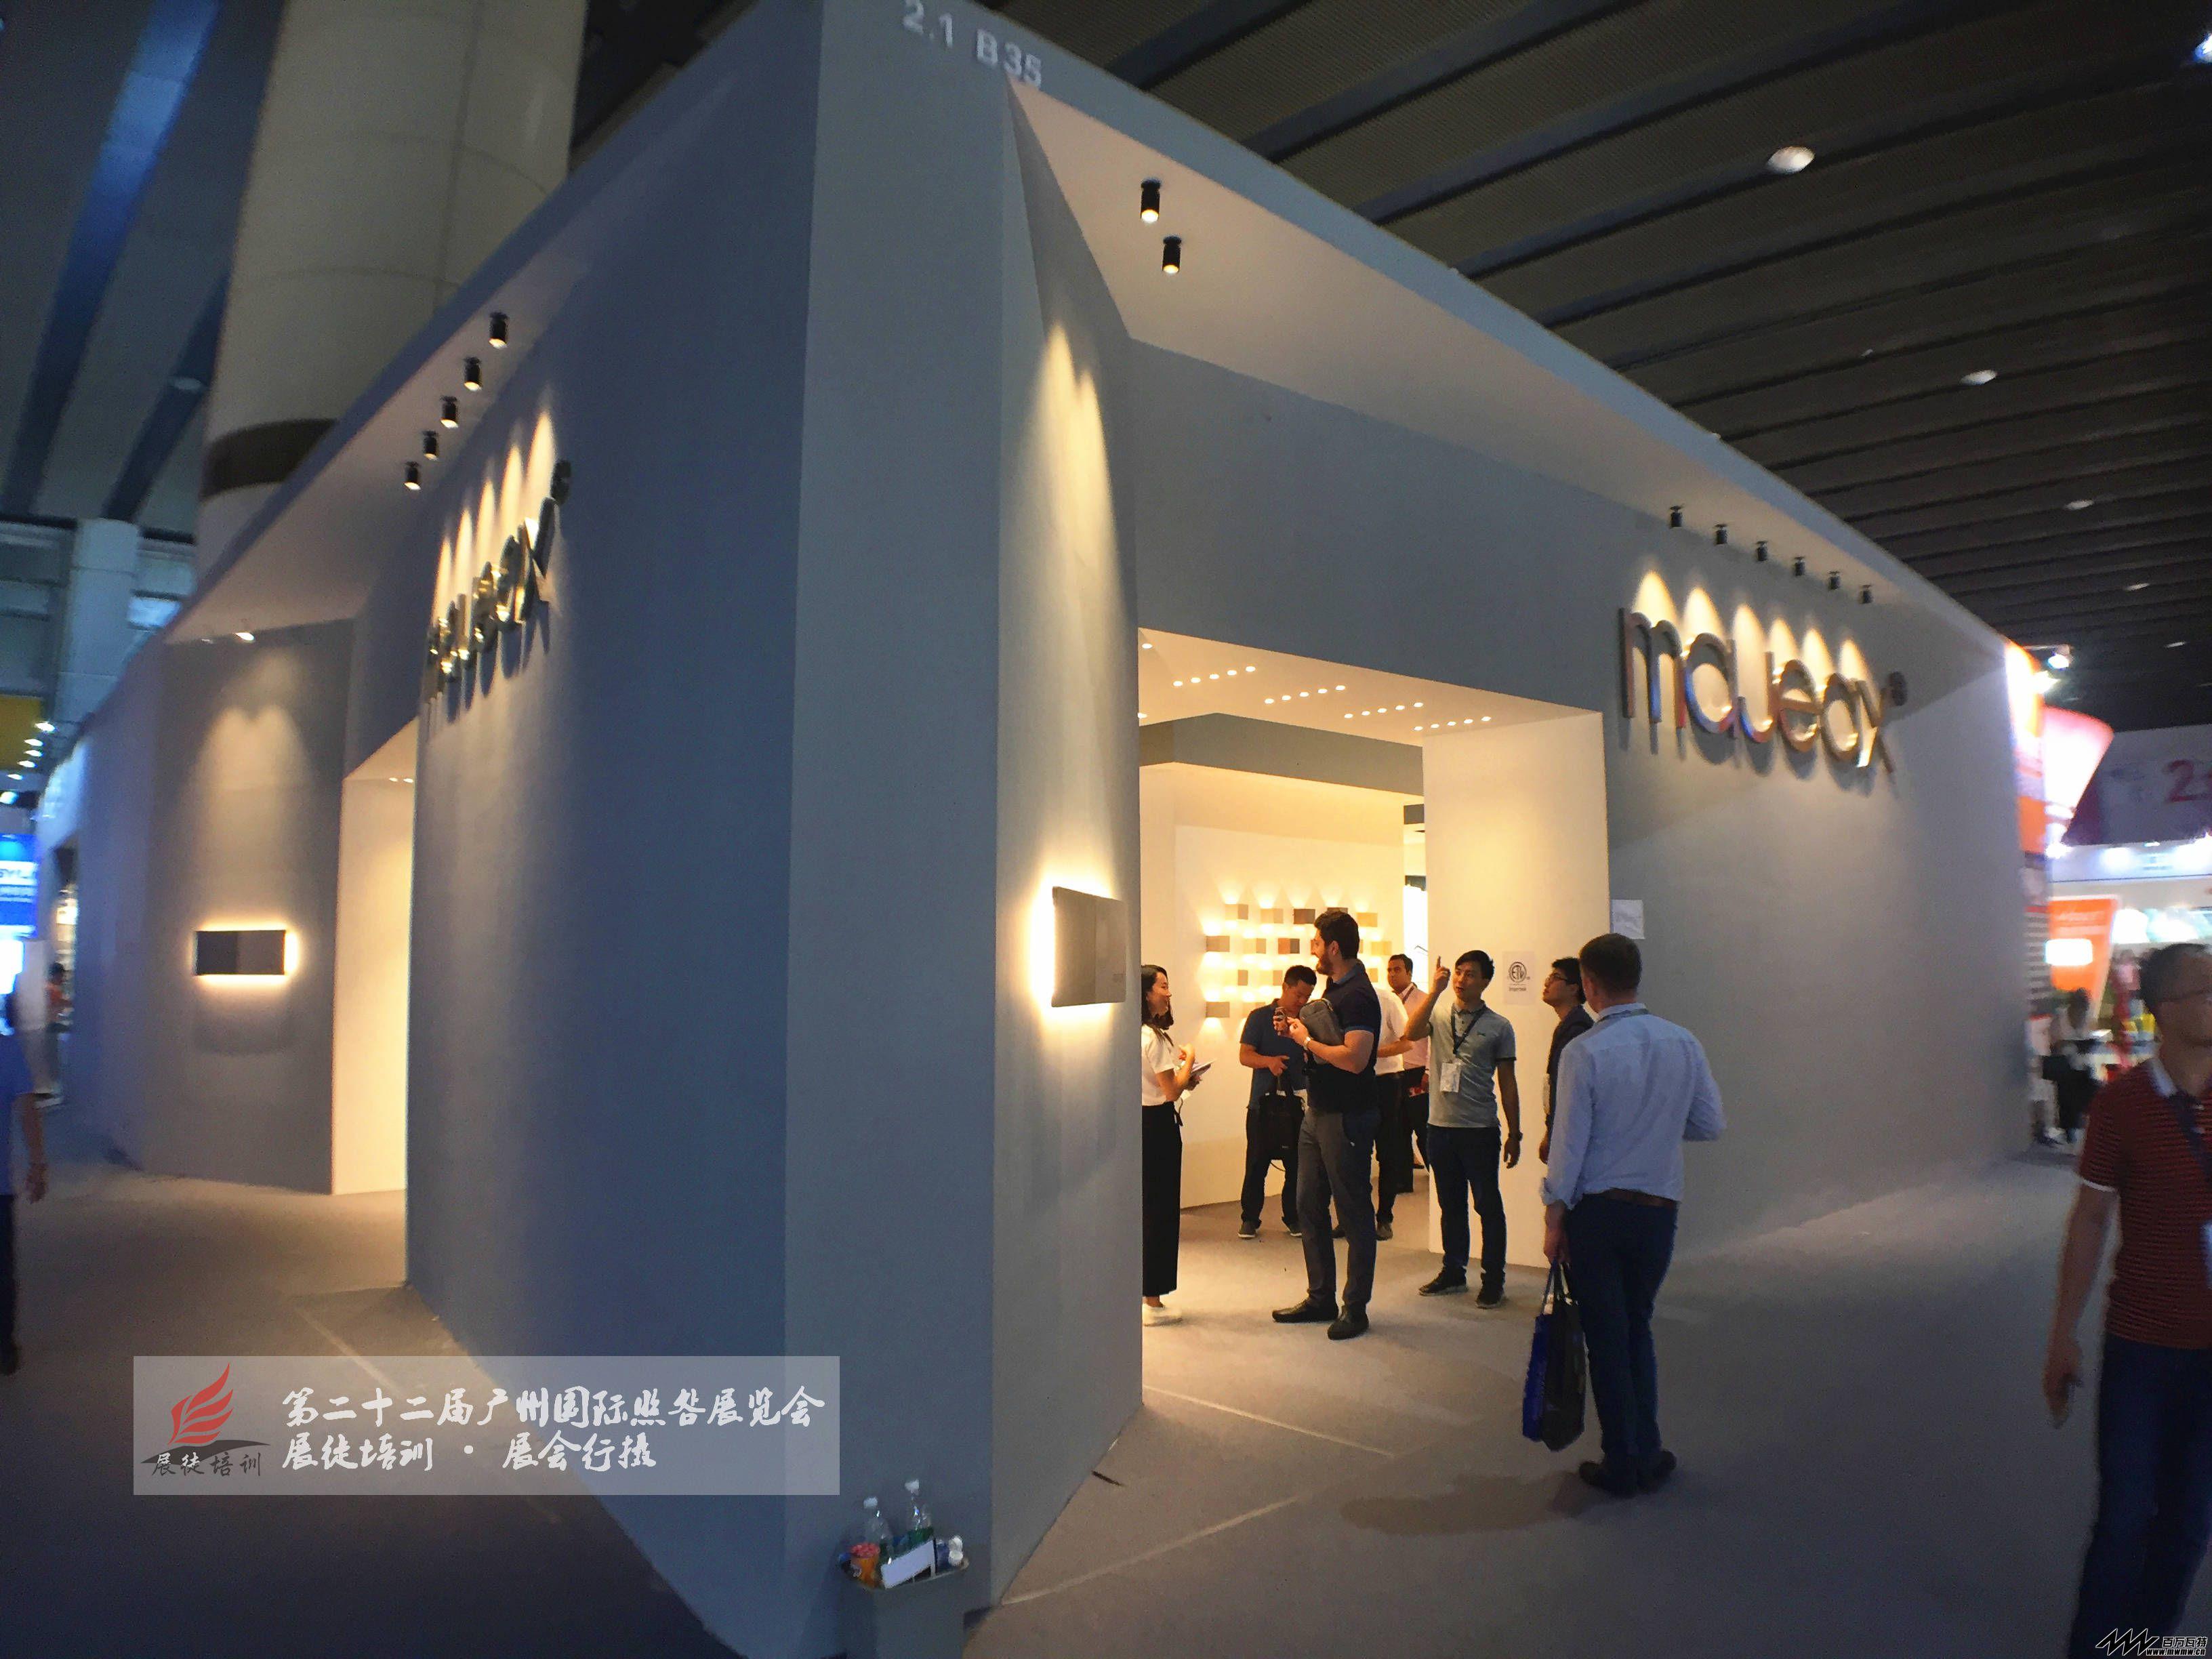 第二十二届广州国际照明展览会-展徒培训·展会行摄 (221).jpg